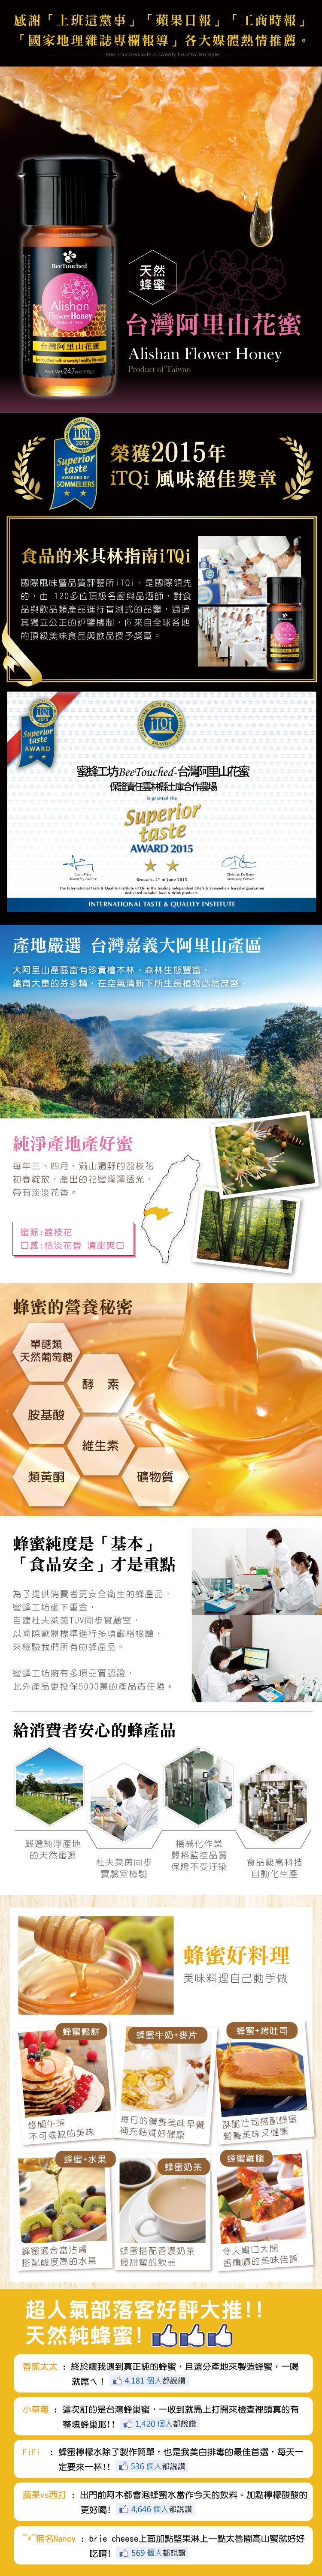 蜜蜂工坊-台灣阿里山花蜜700g